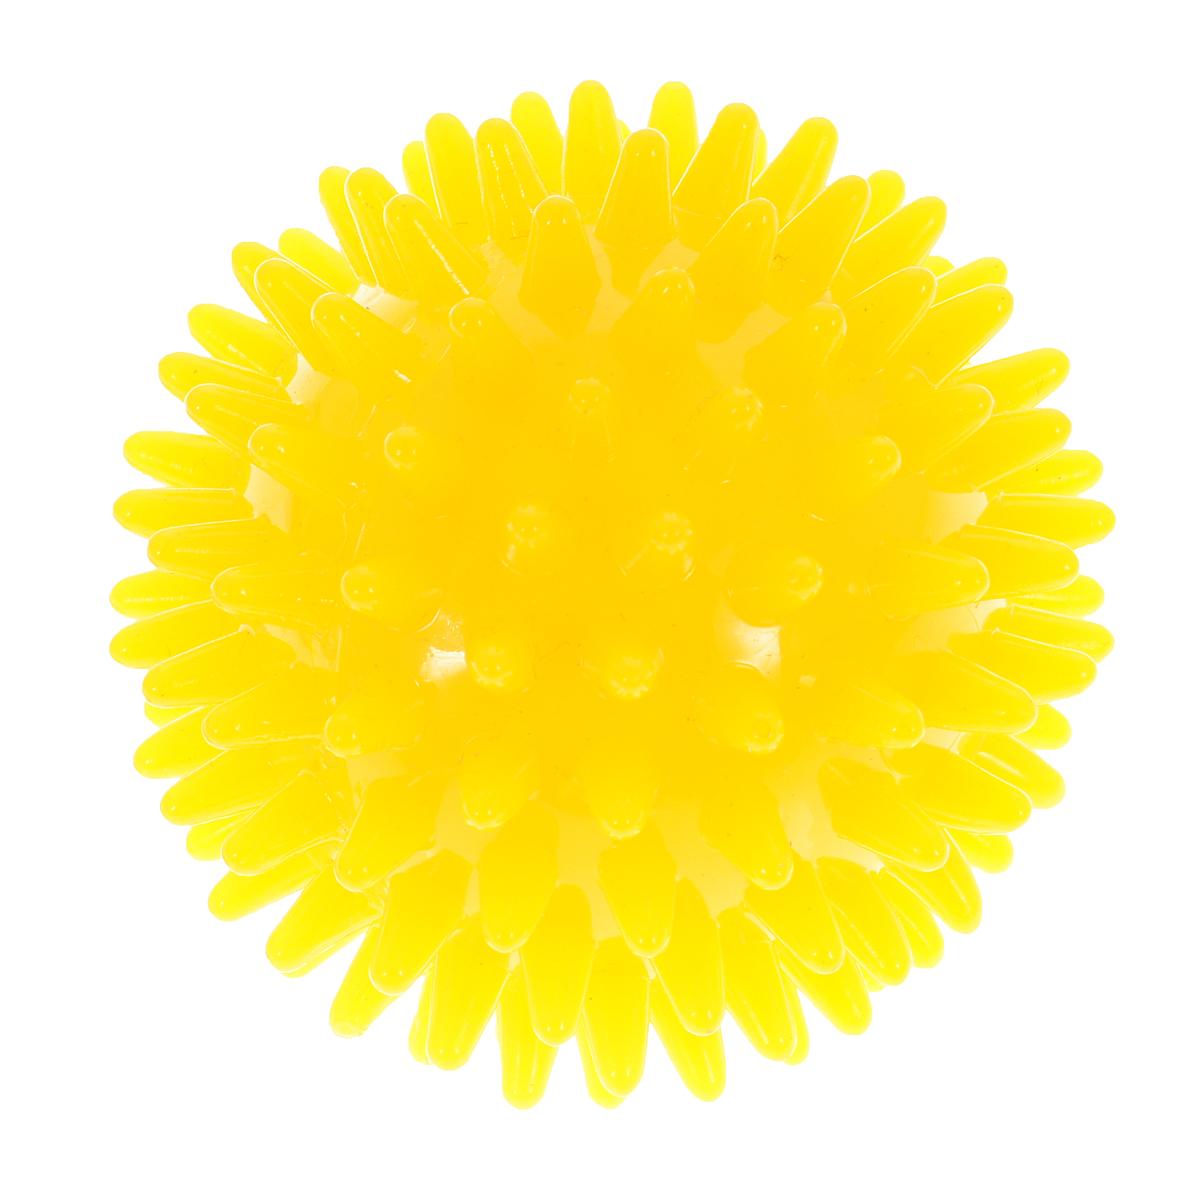 Игрушка для собак V.I.Pet Массажный мяч, цвет: желтый, диаметр 7 смBL11-015-70Игрушка для собак V.I.Pet Массажный мяч, изготовленная из ПВХ, предназначена для массажа и самомассажа рефлексогенных зон. Она имеет мягкие закругленные массажные шипы, эффективно массирующие и не травмирующие кожу. Игрушка не позволит скучать вашему питомцу ни дома, ни на улице. Диаметр: 7 см.